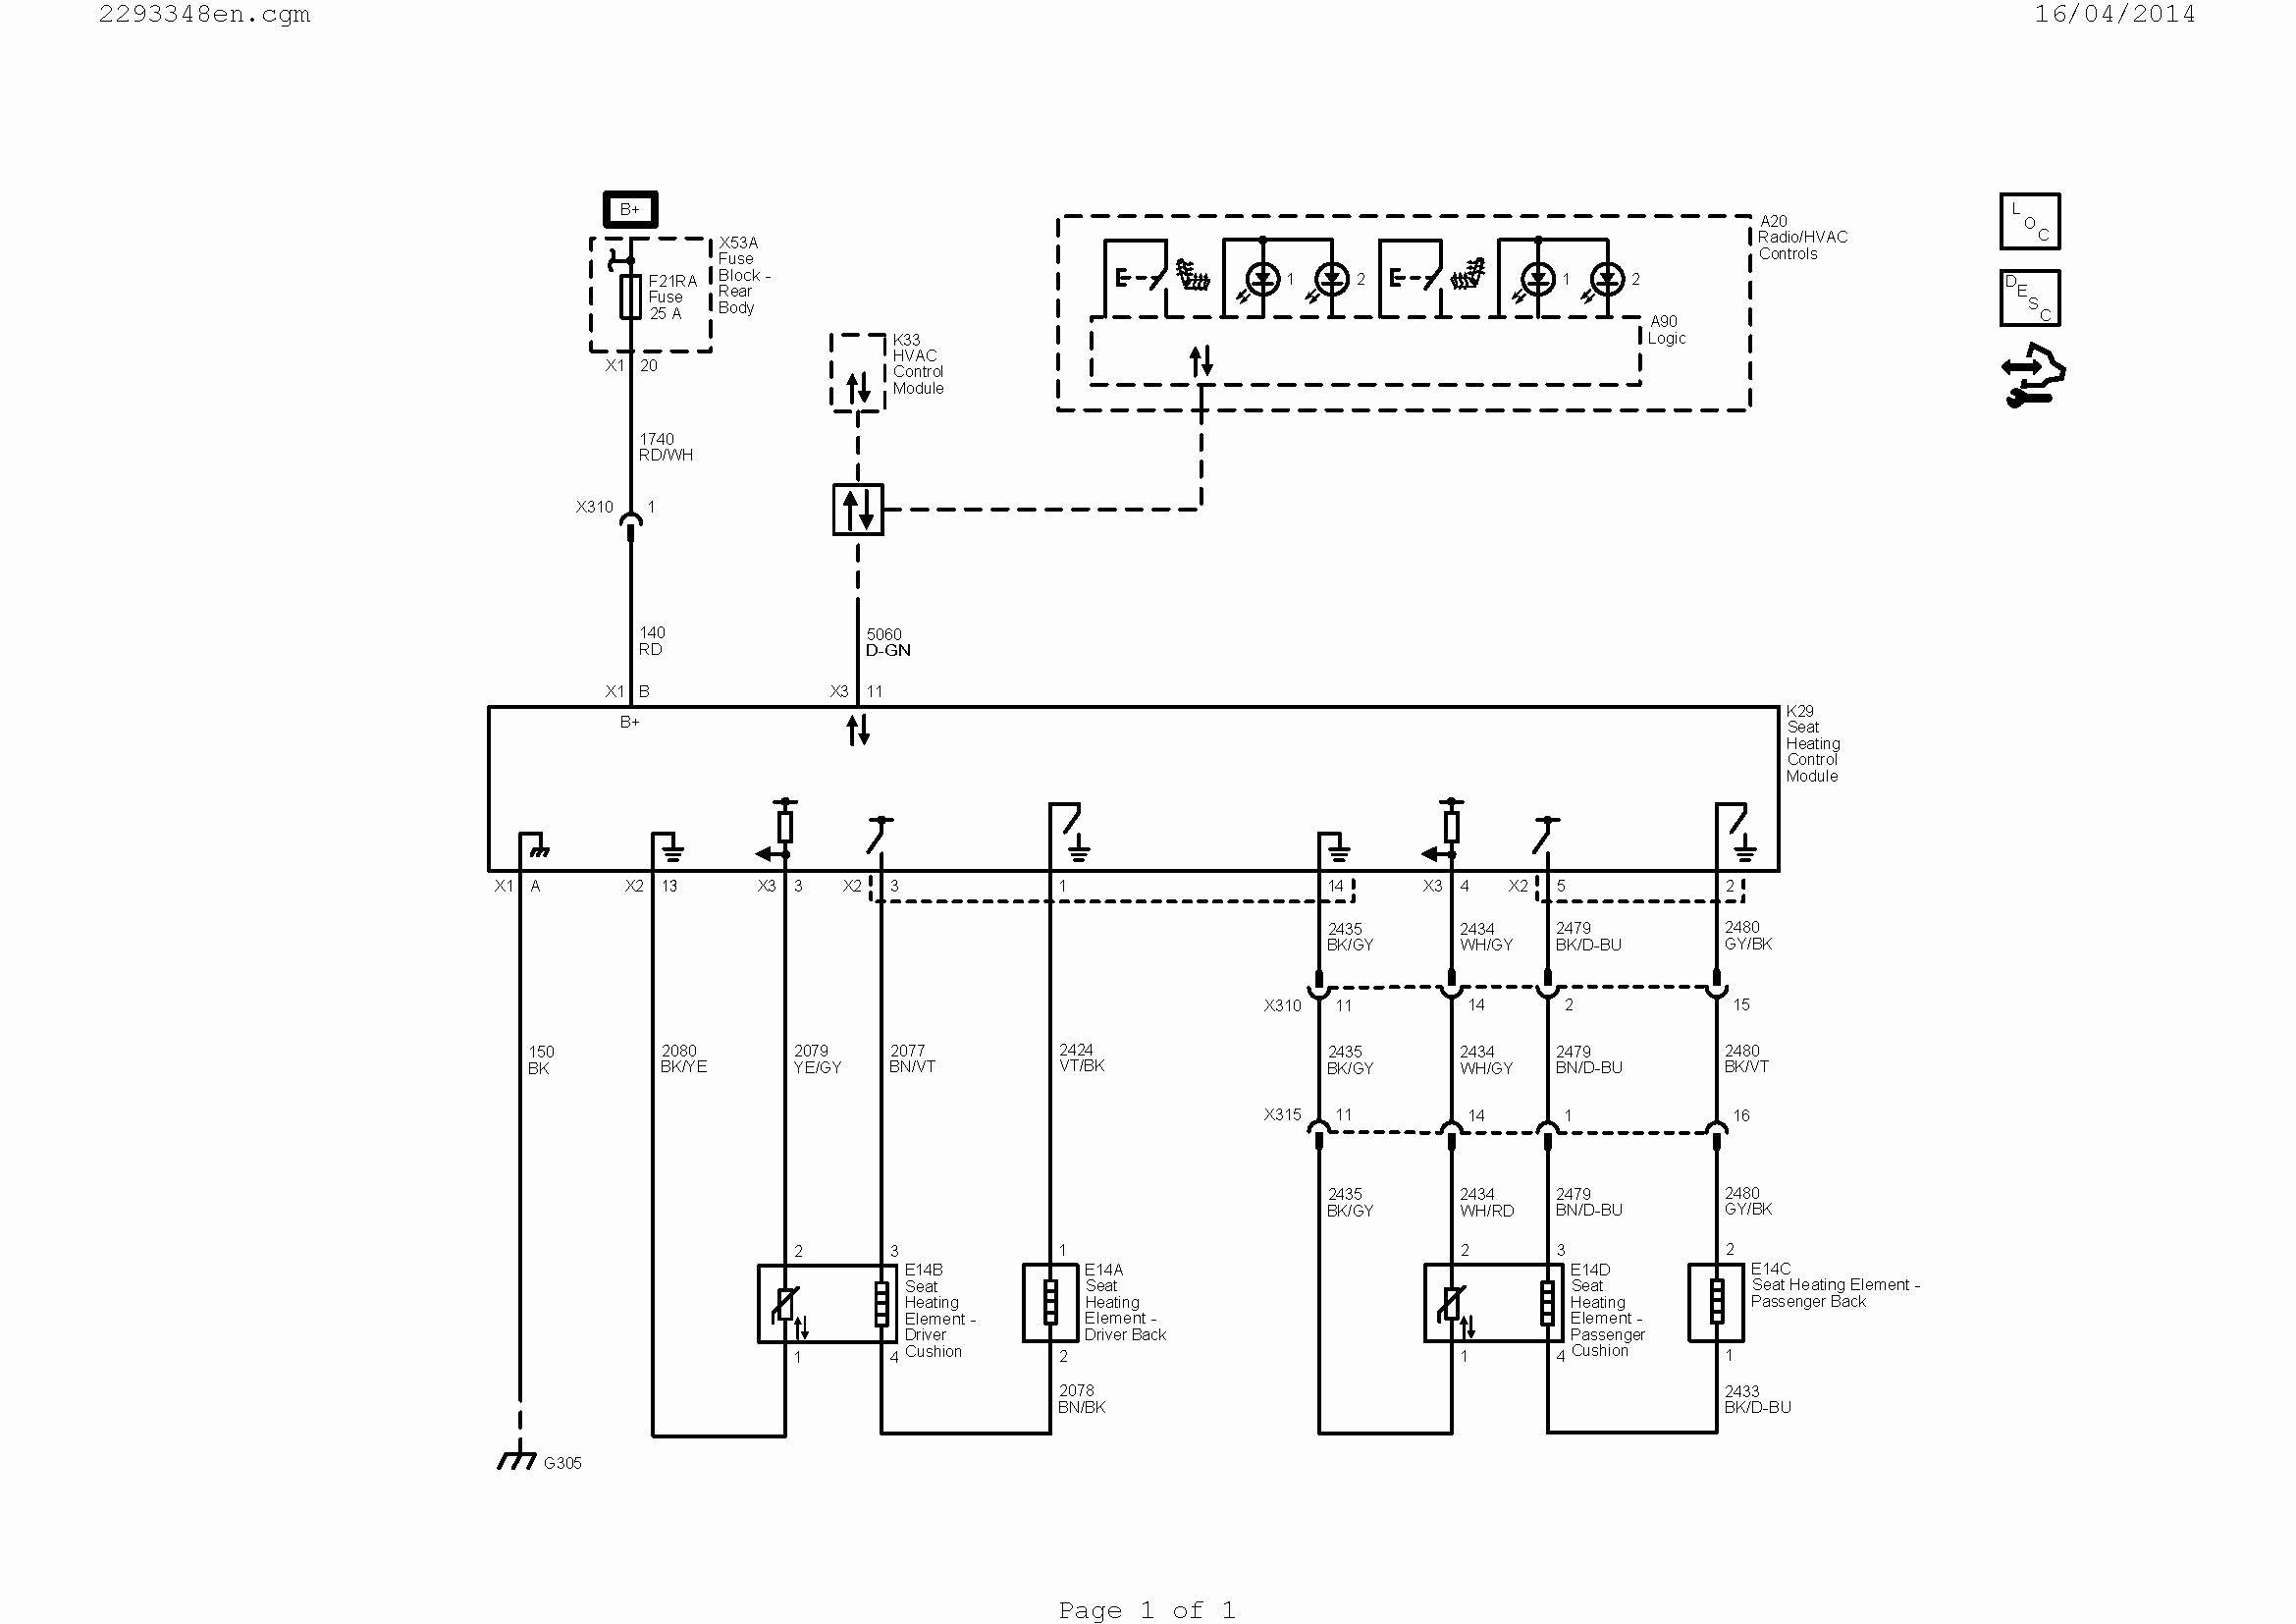 Wiring Diagram for Car Trailer Lights 60 Lovely Wiring Diagram for Gmc Trailer Plug Of Wiring Diagram for Car Trailer Lights